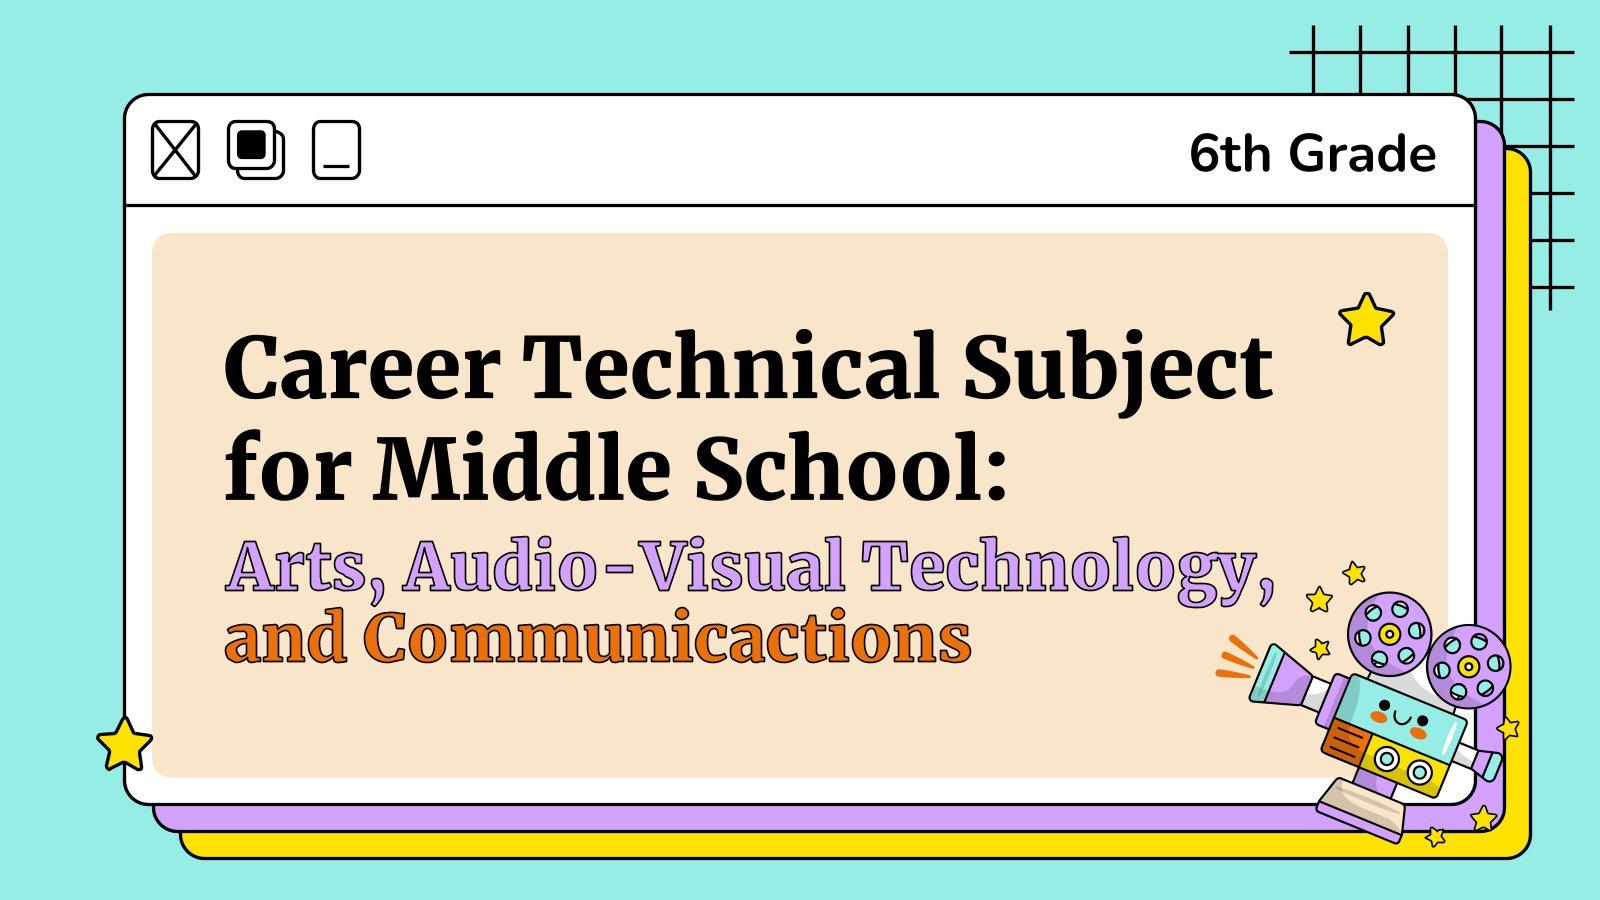 Kunst, audiovisuelle Technologie und Kommunikation für die 6. Klasse Präsentationsvorlage